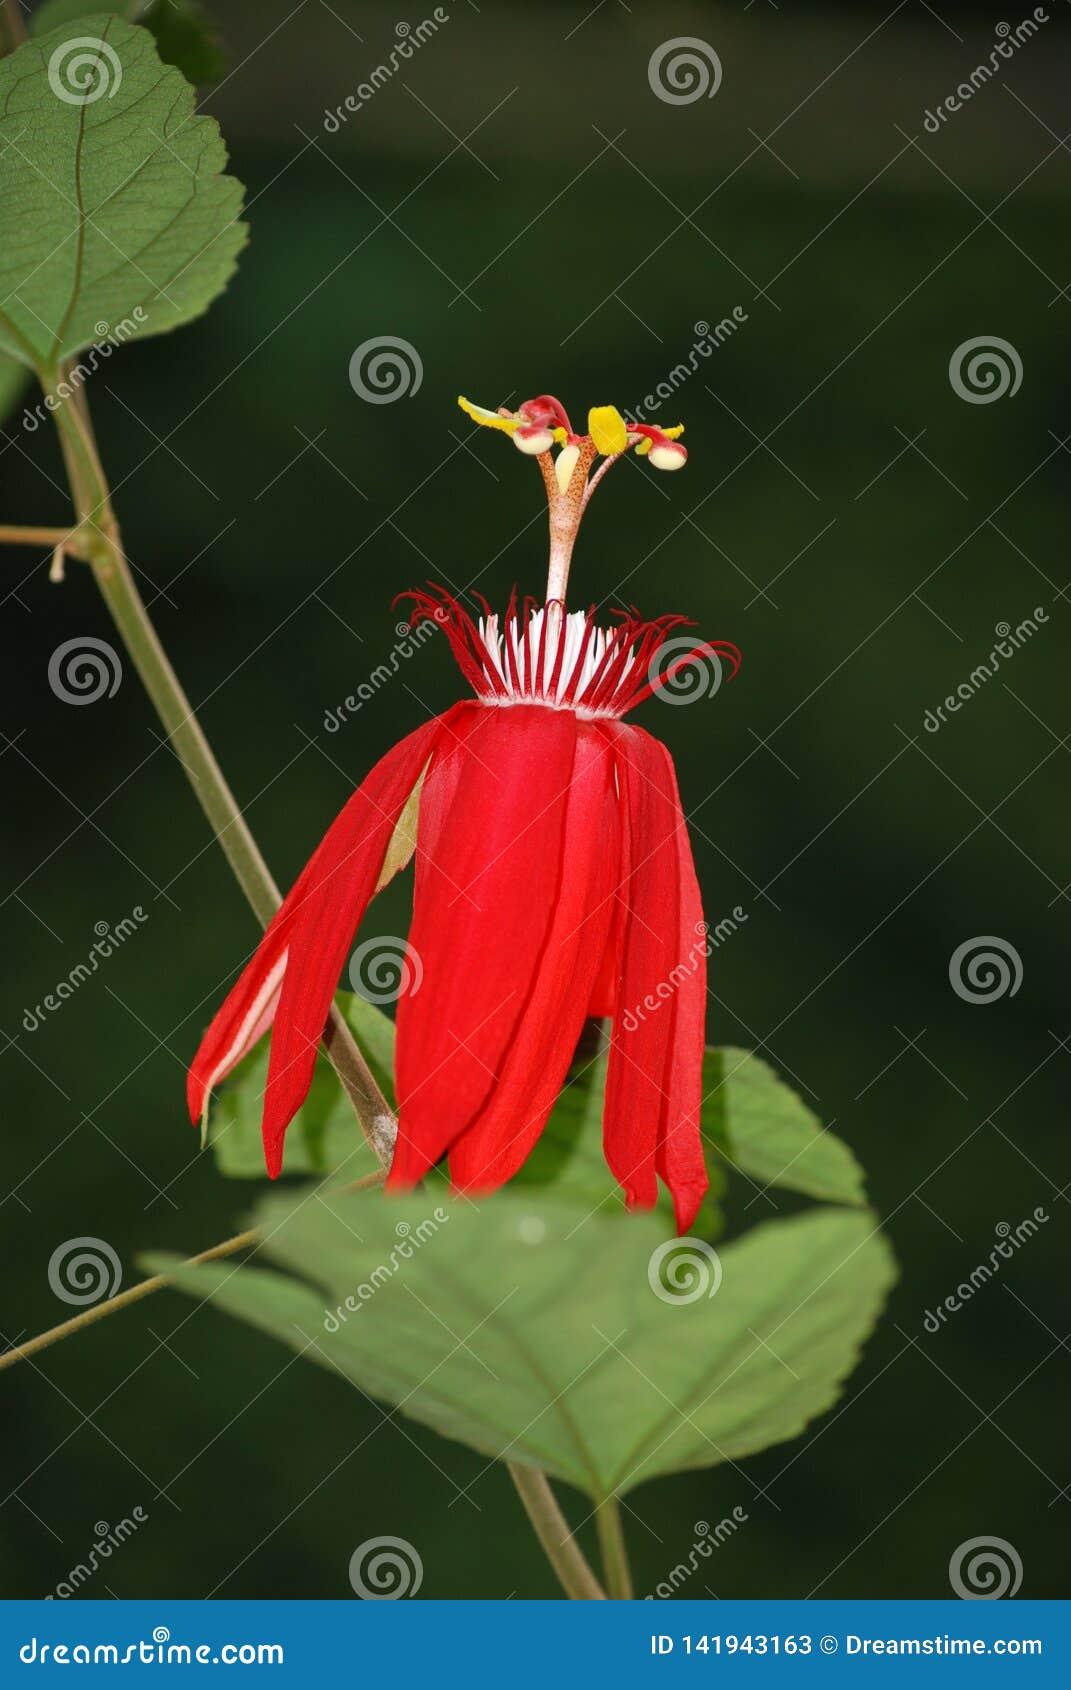 Passiflora Vitifolia - Red Passionflower